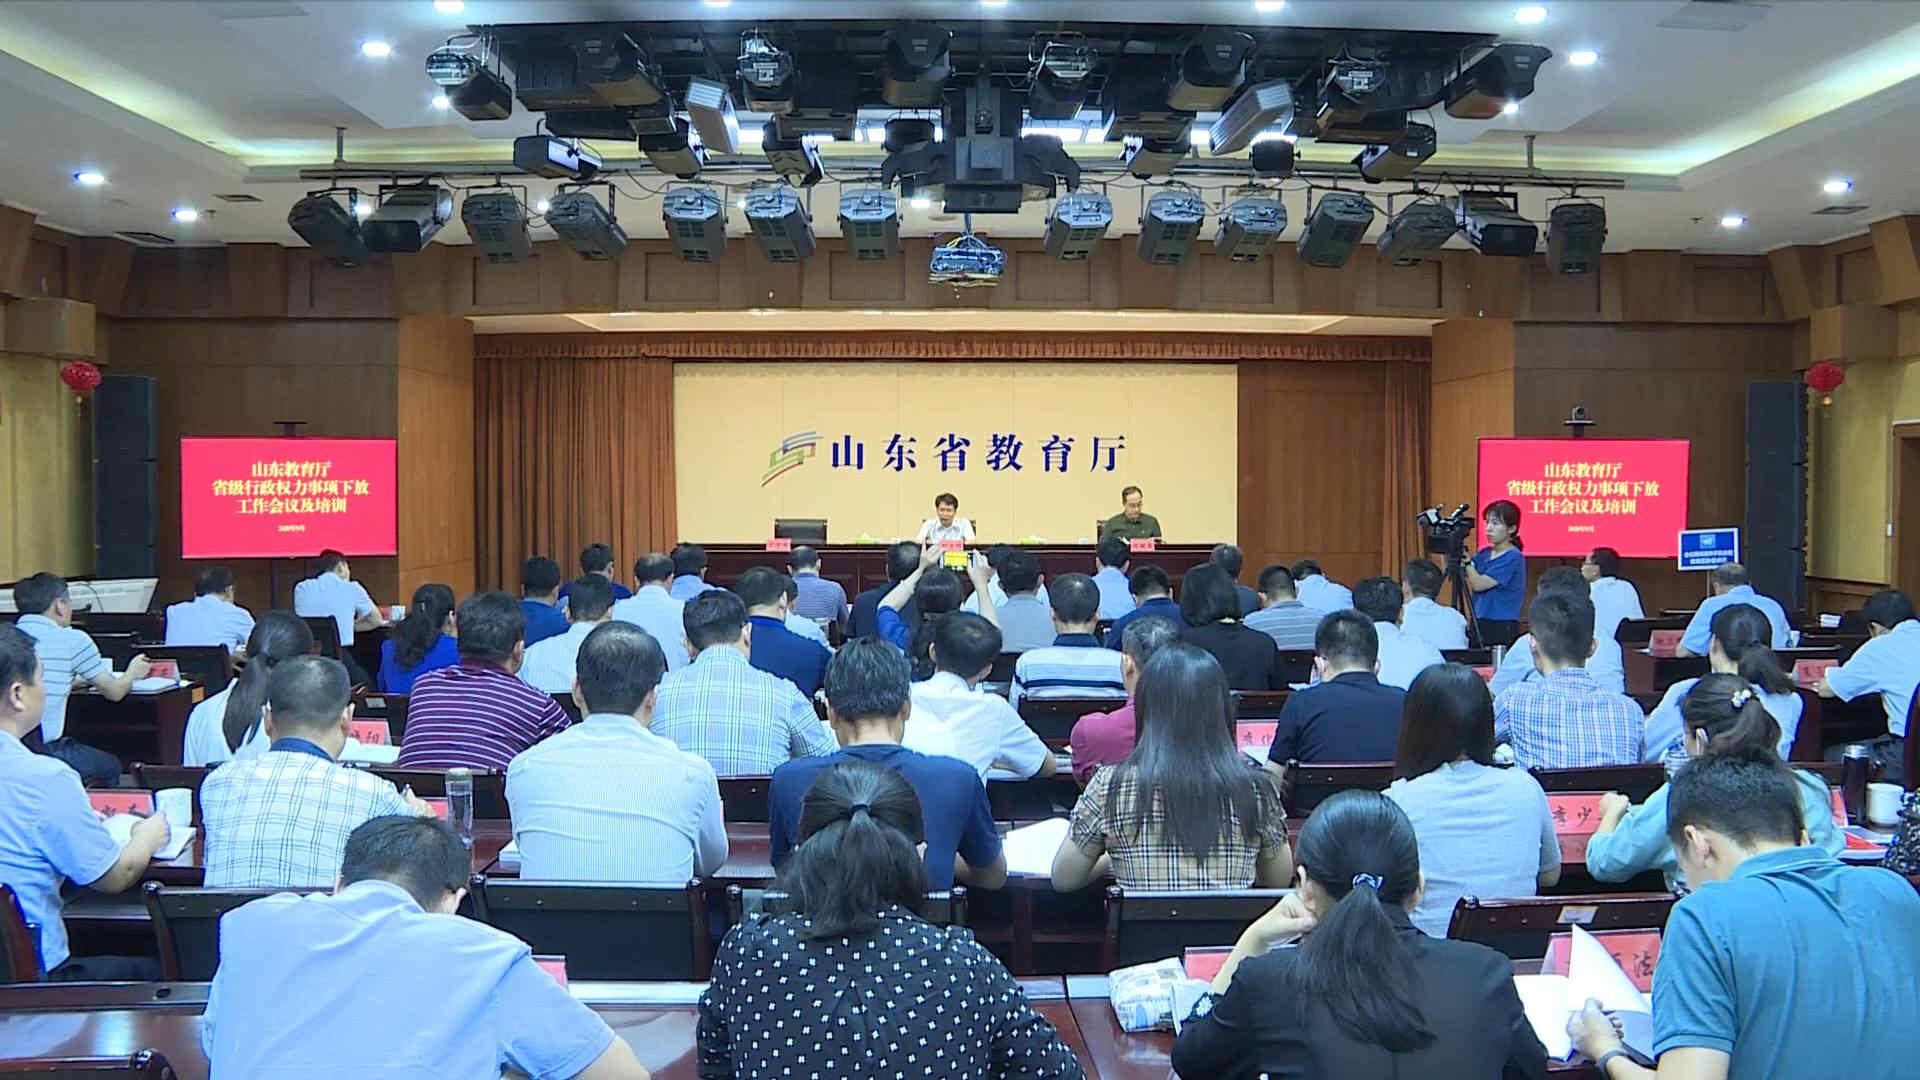 省教育厅举行省级行政权力事项下放工作会议及培训《山东教育周刊》20200920播出